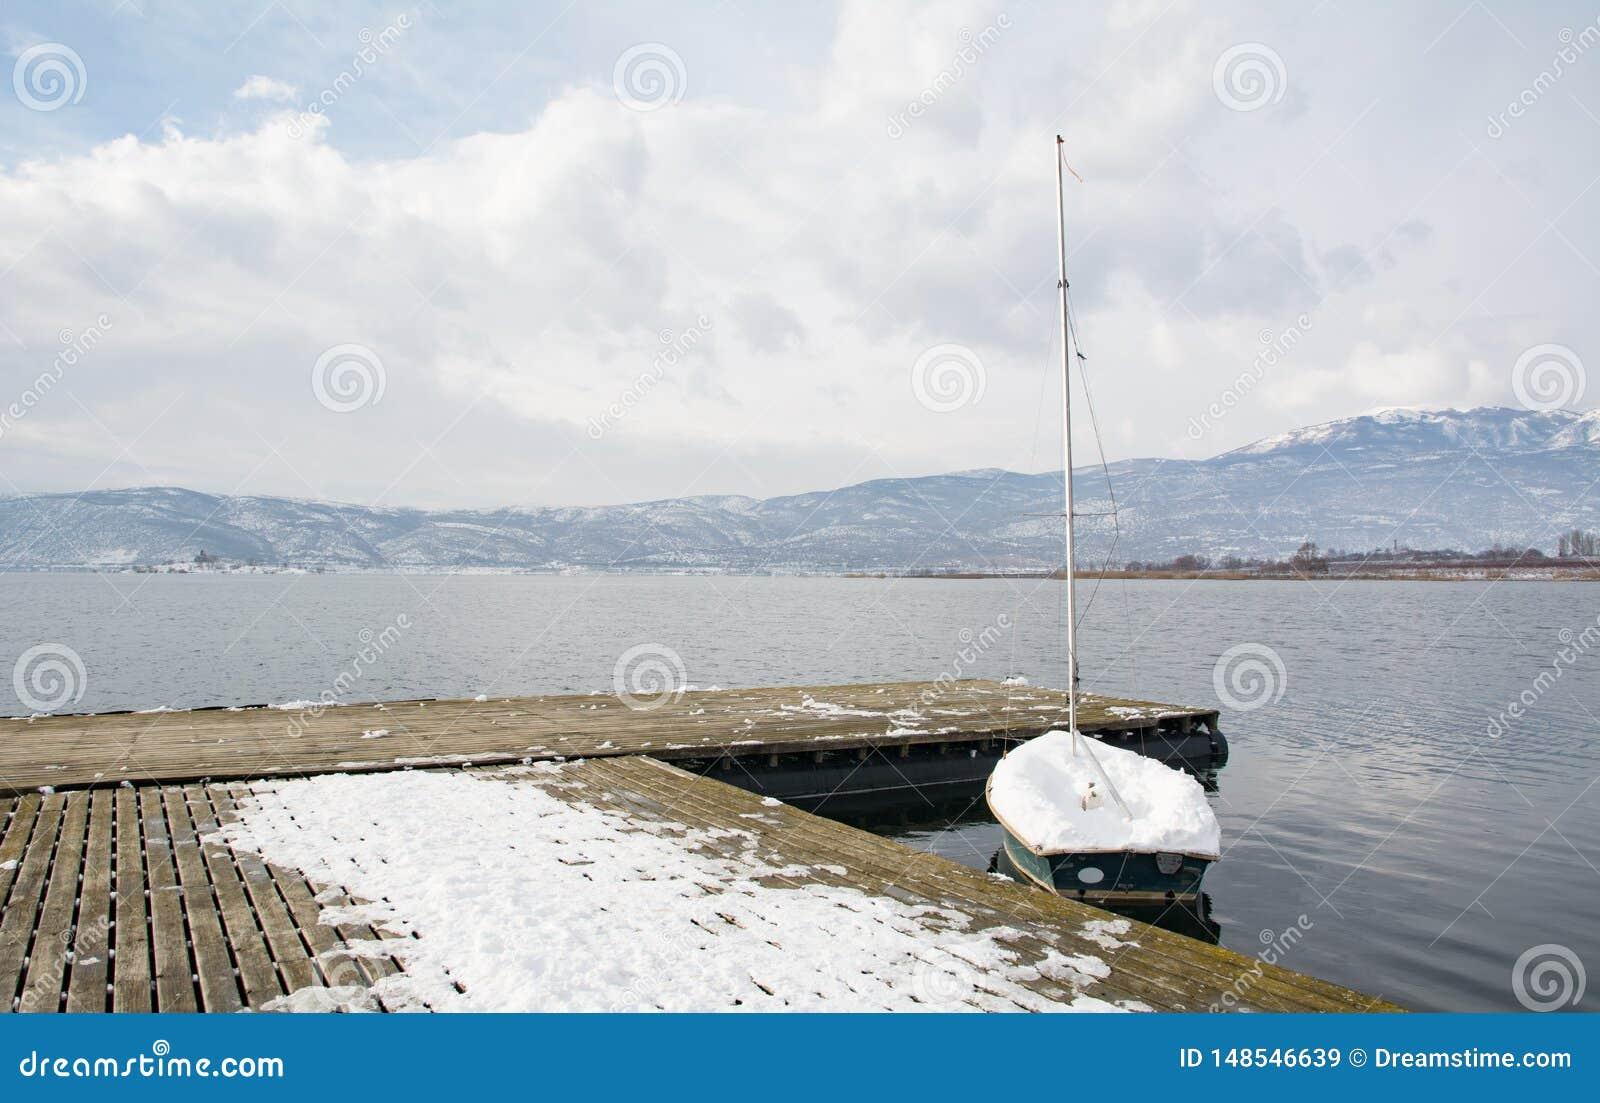 Barco sob a neve no lago Vegoritis, Gr?cia